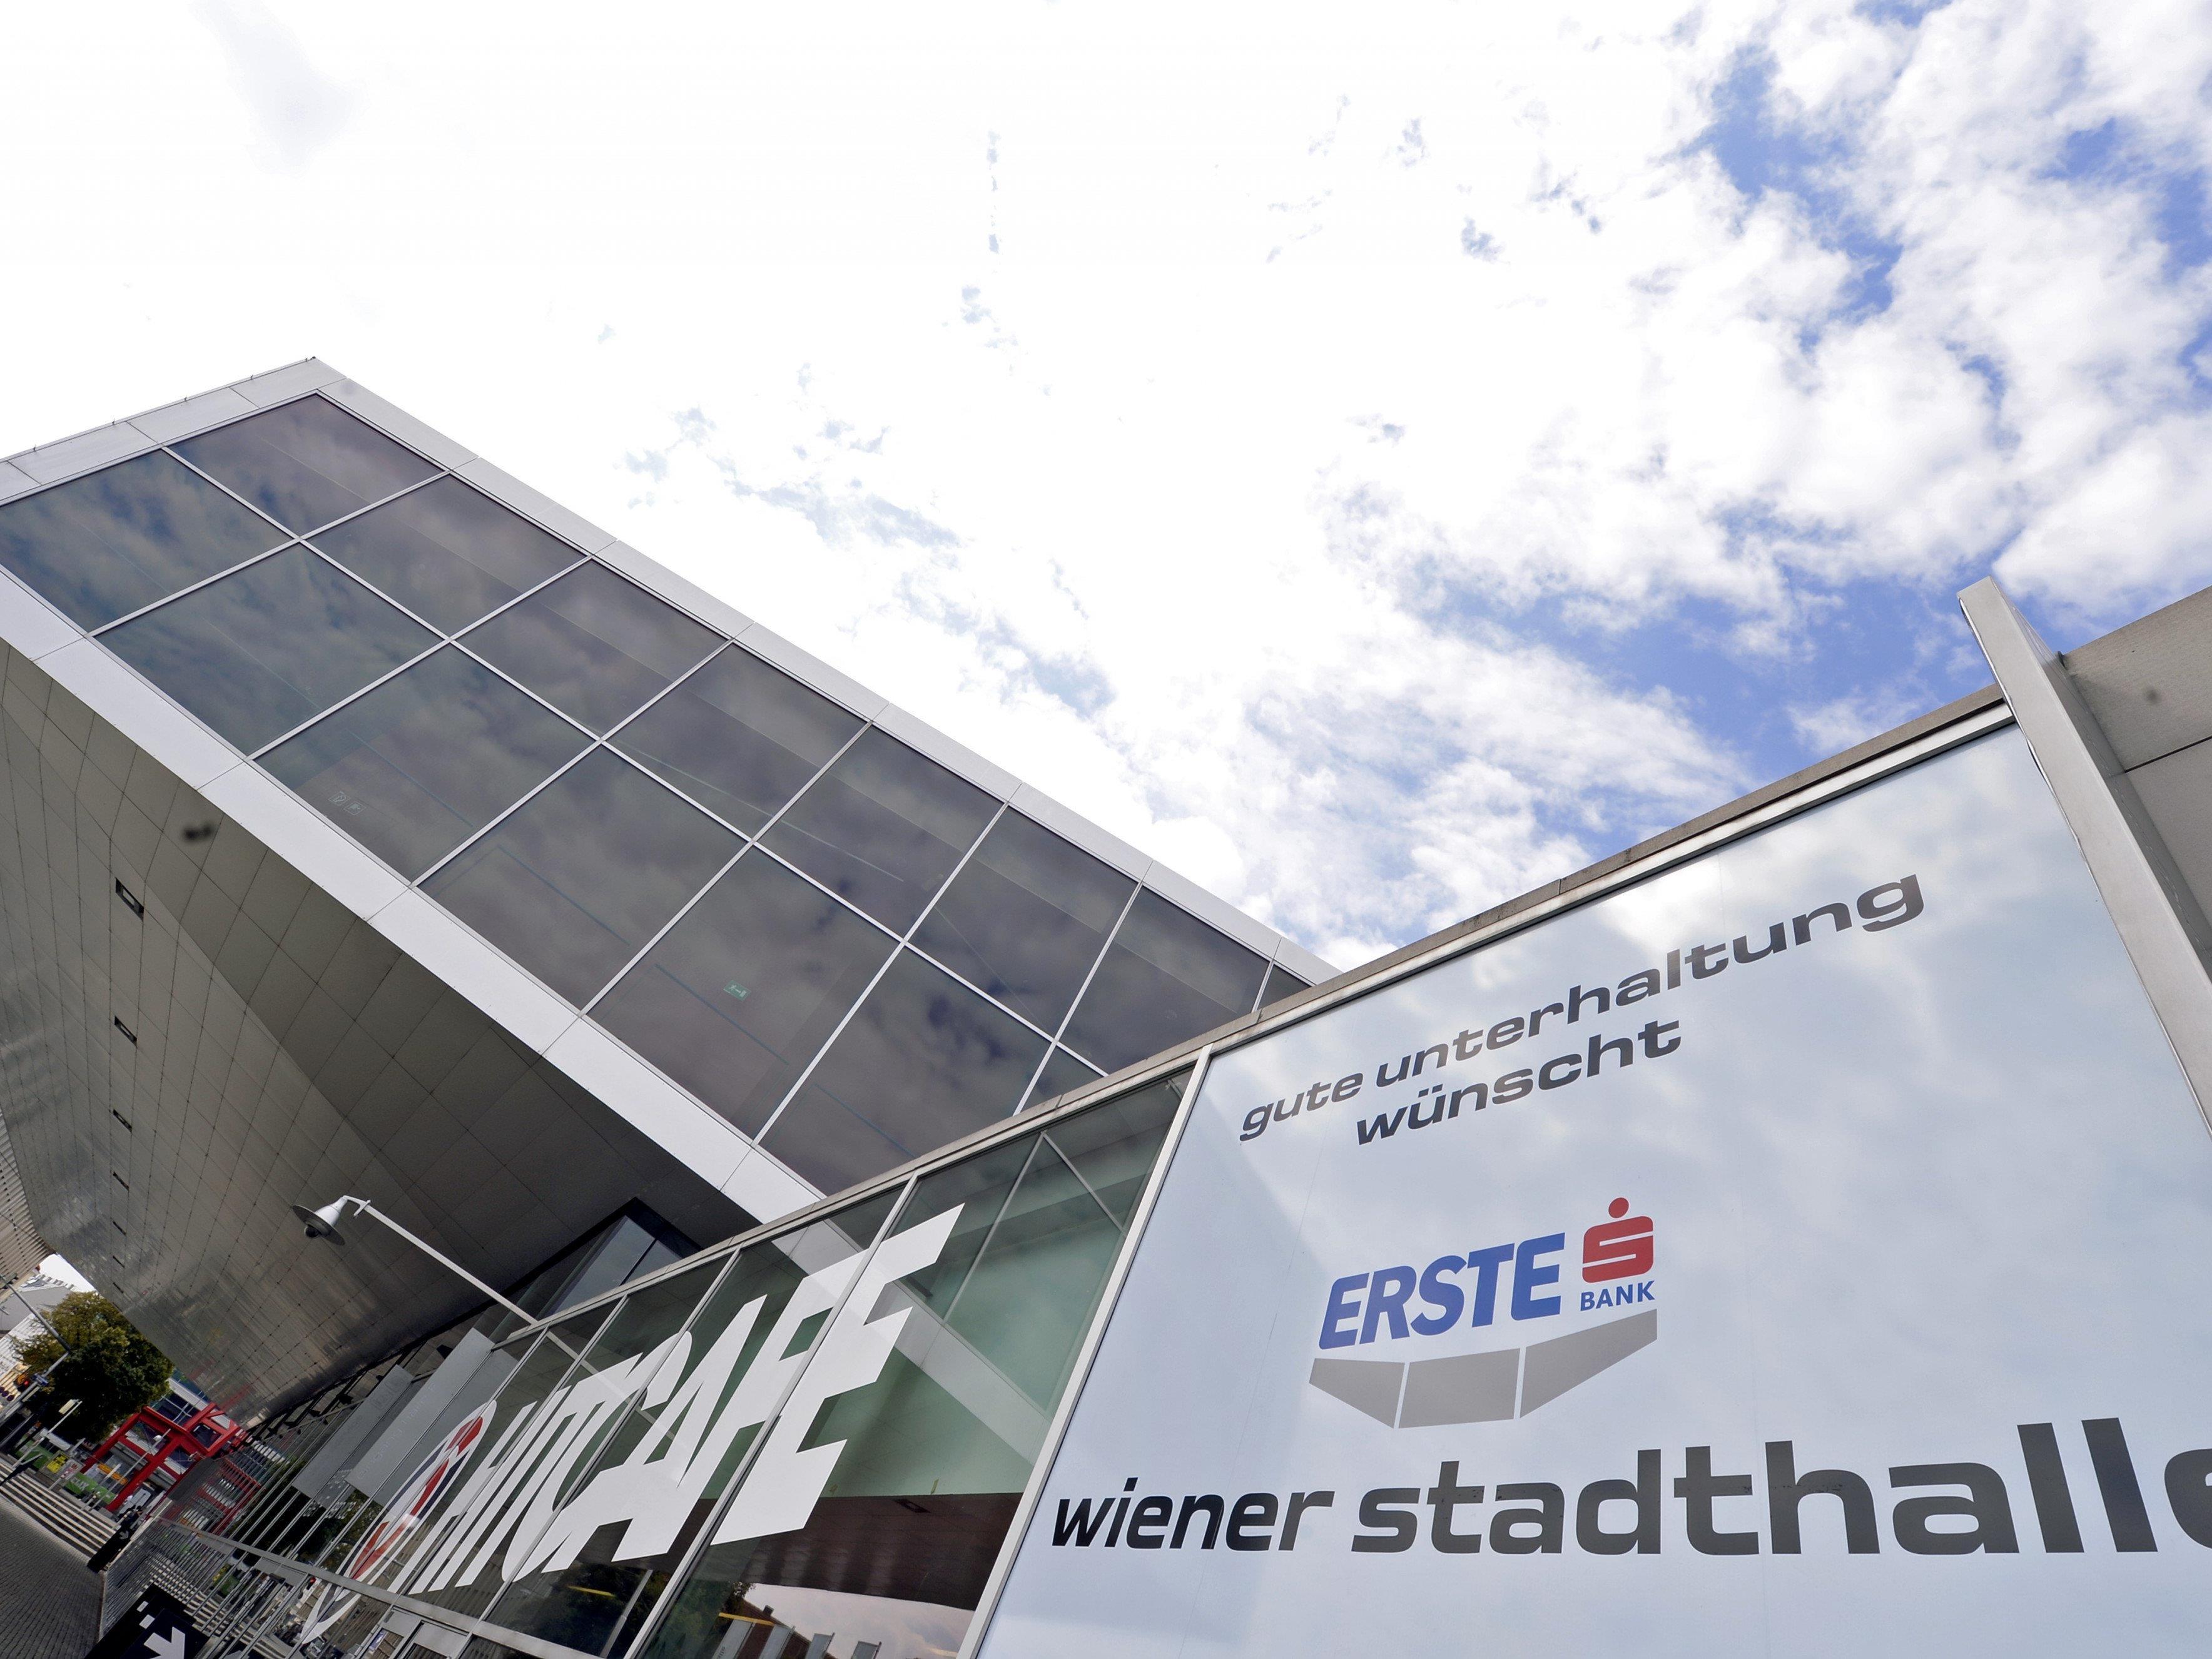 Rund um die Wiener Stadthalle wird es am Erste Bank-Wochenende knapp mit Parkplätzen.